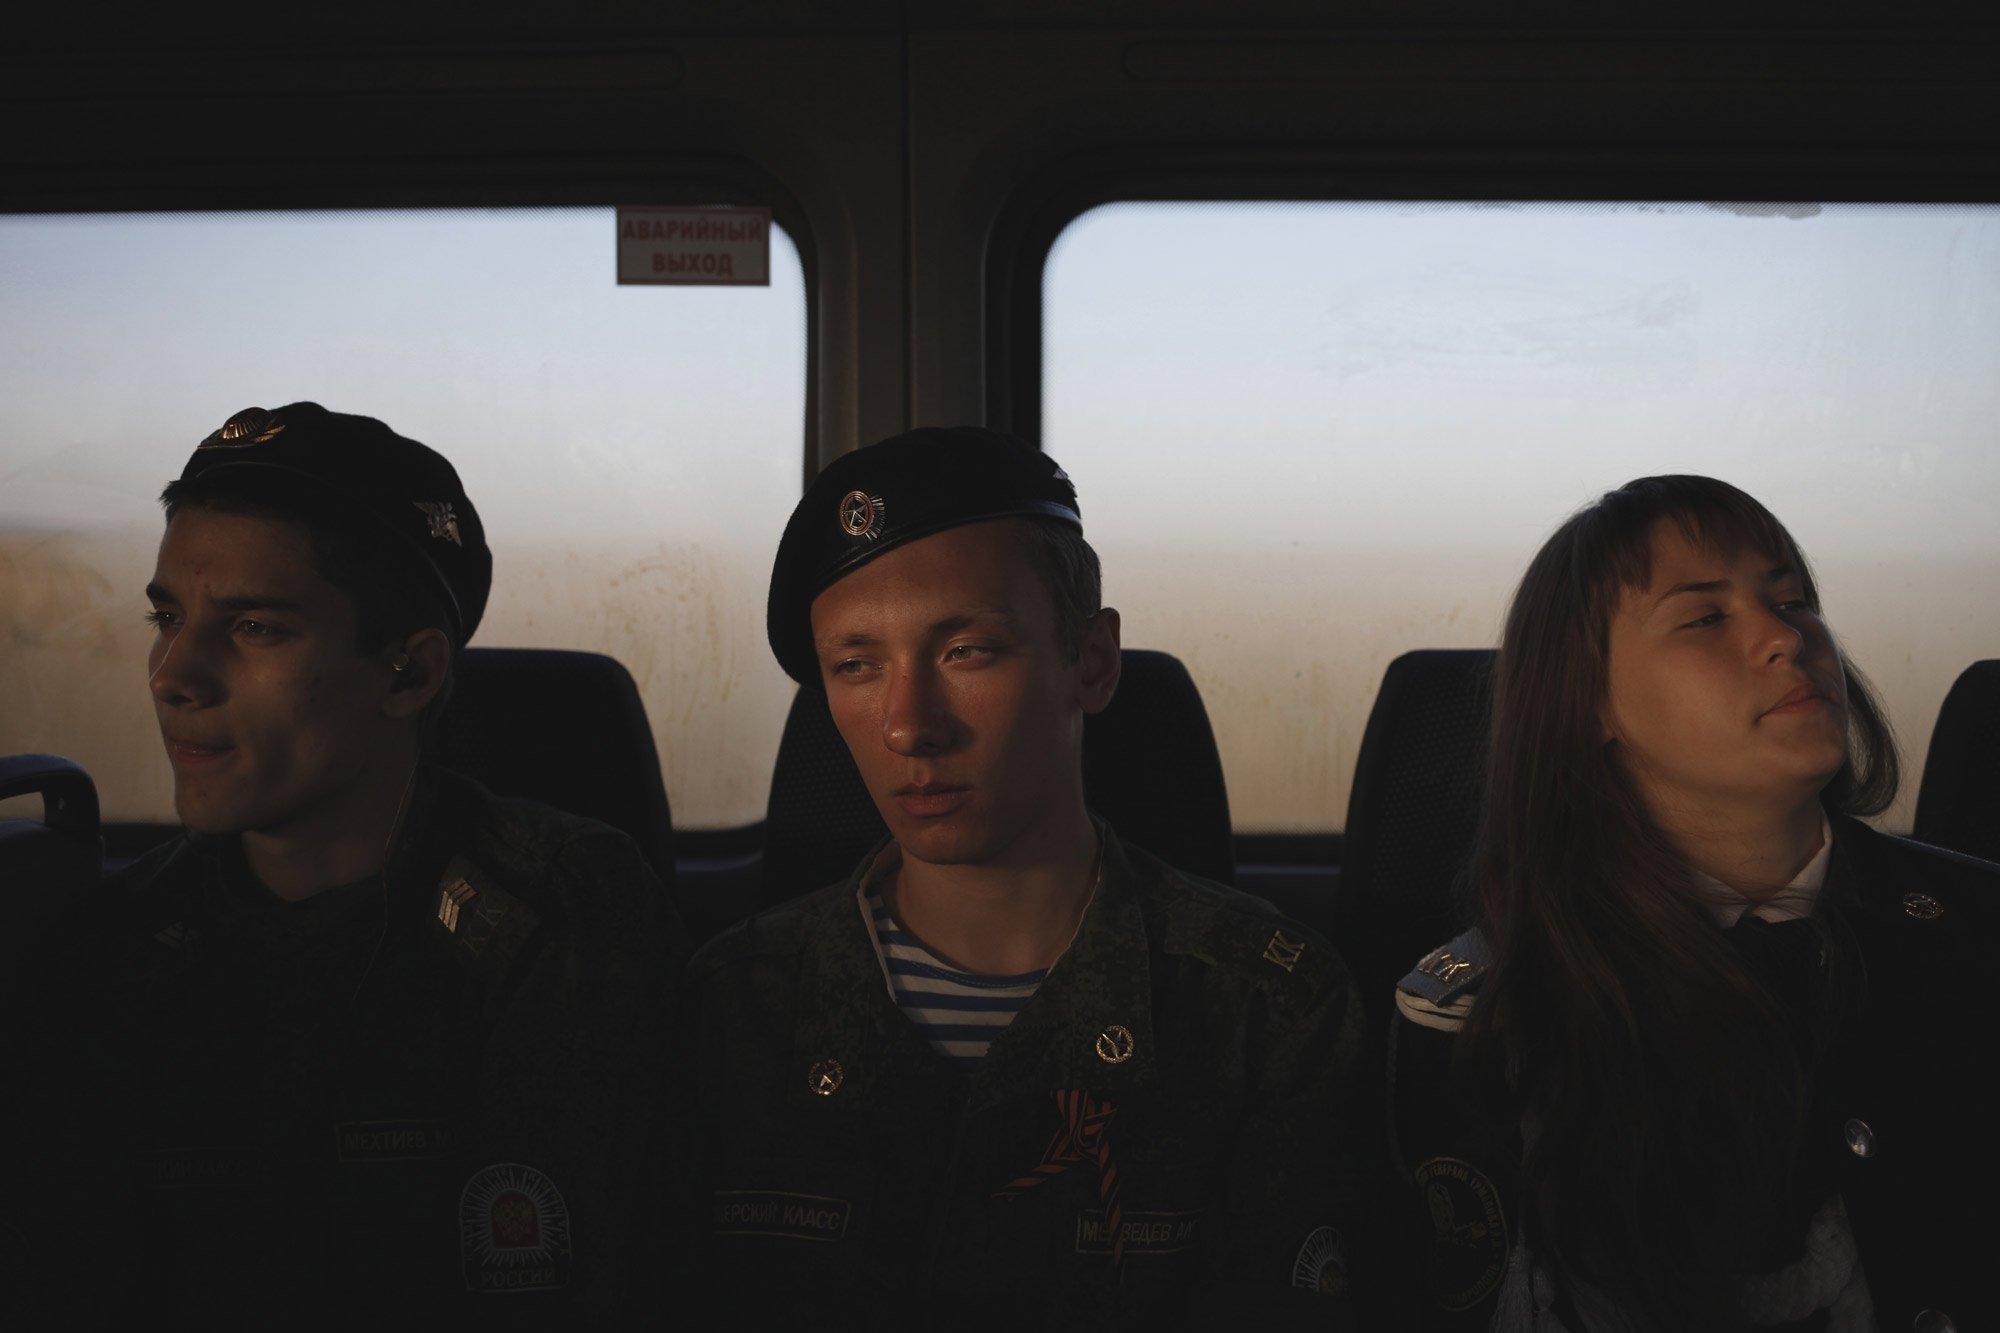 Studenti della General Ermolov Cadet School Stavropol Russia fotografia documentaria di Eduard Korniyenko